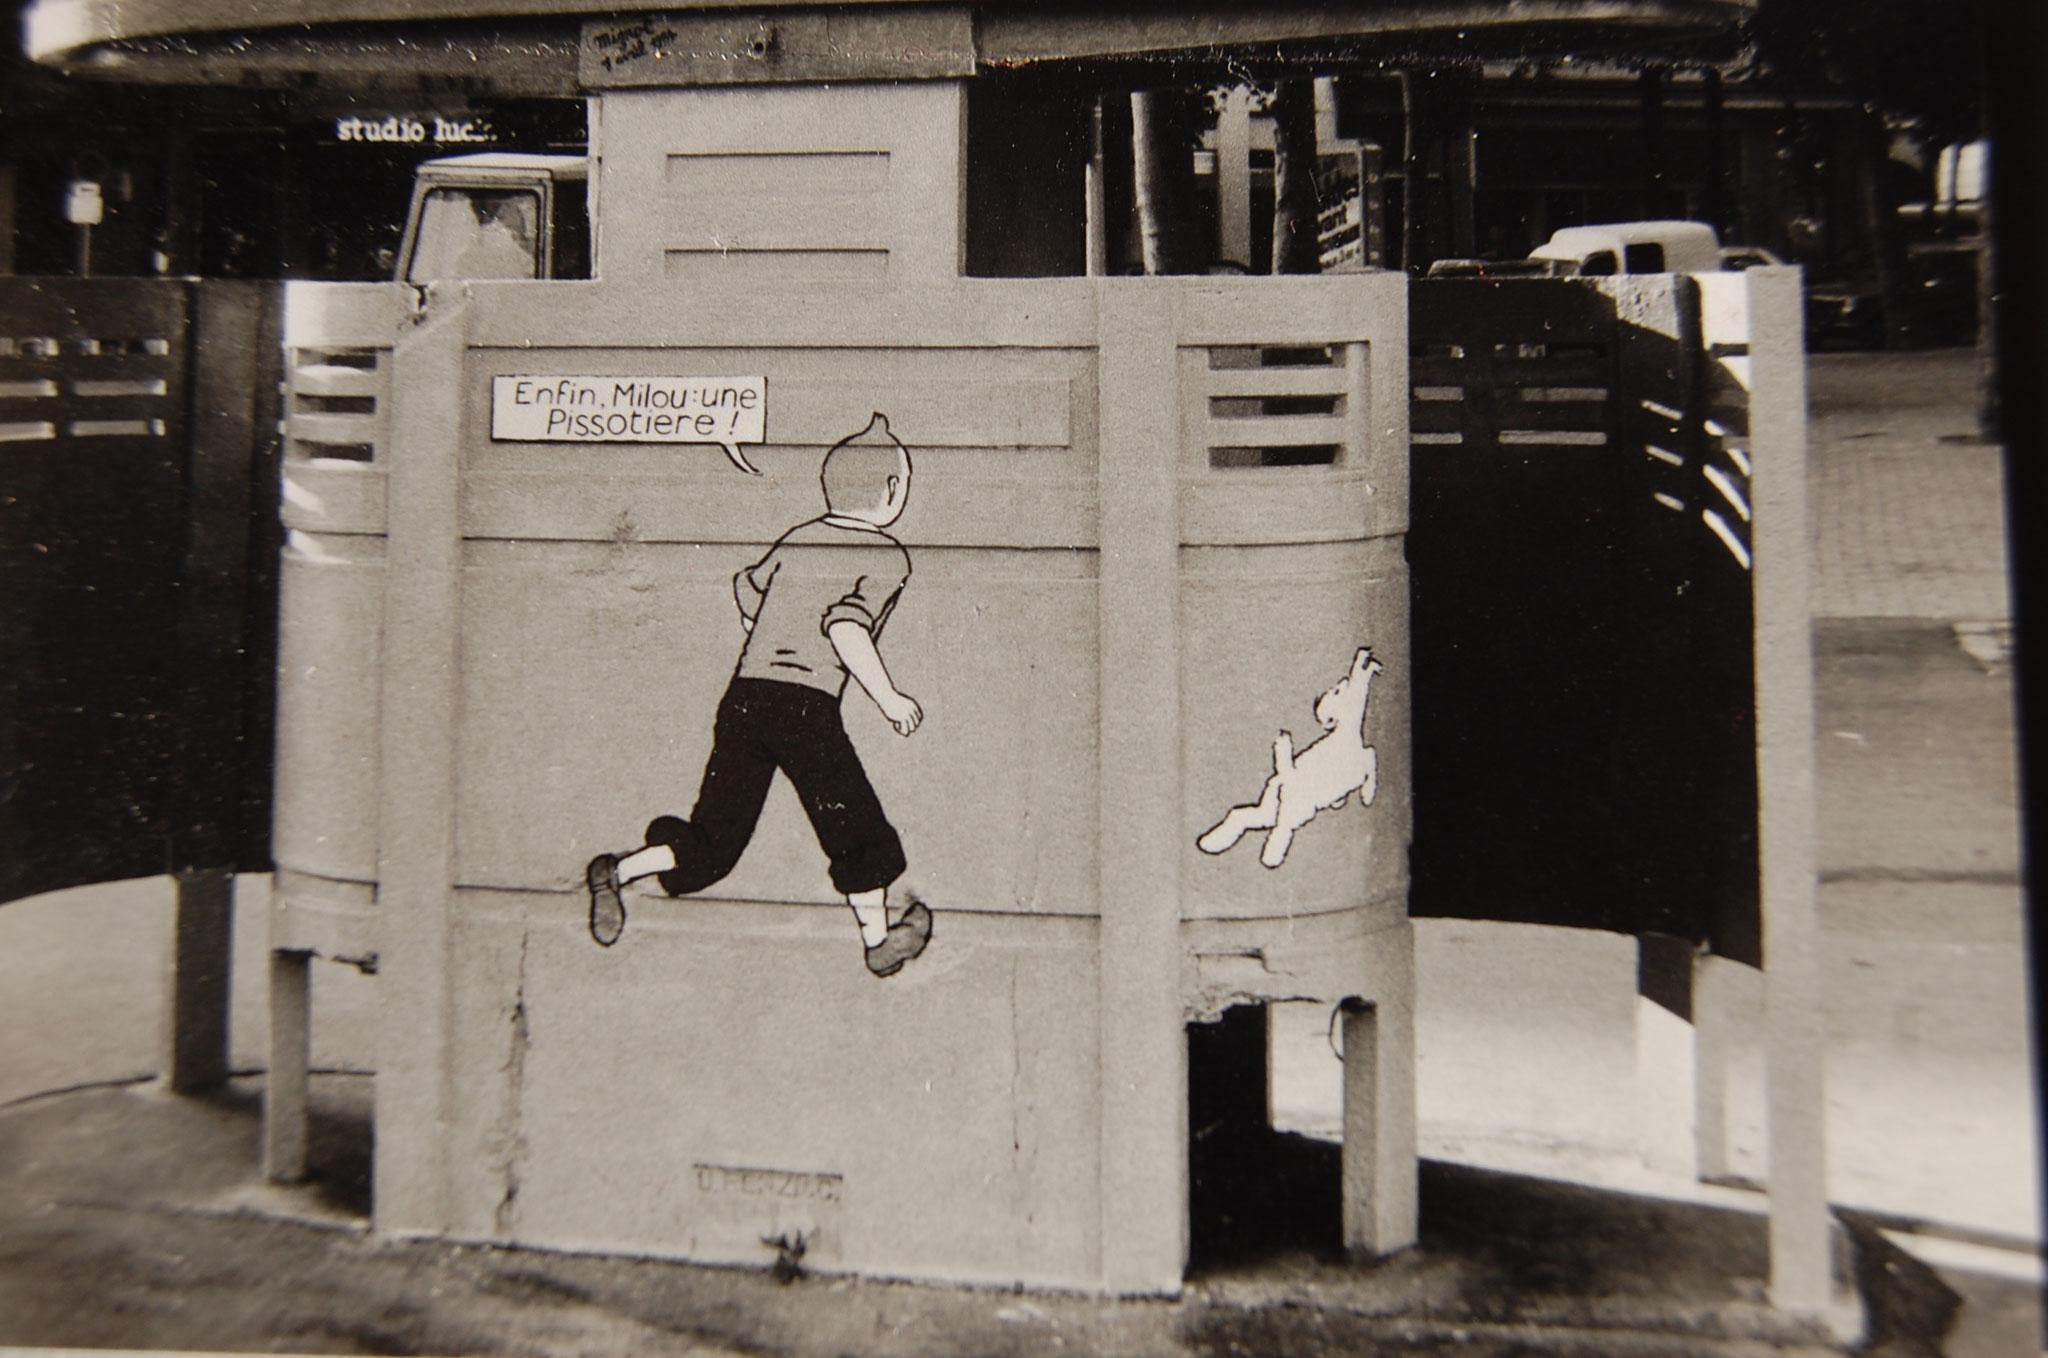 Pissotière peinte par Gérard Mignot dans la nuit du 31 mars au 1er Avril 1984, 15 boulevard de la Croix-Rousse